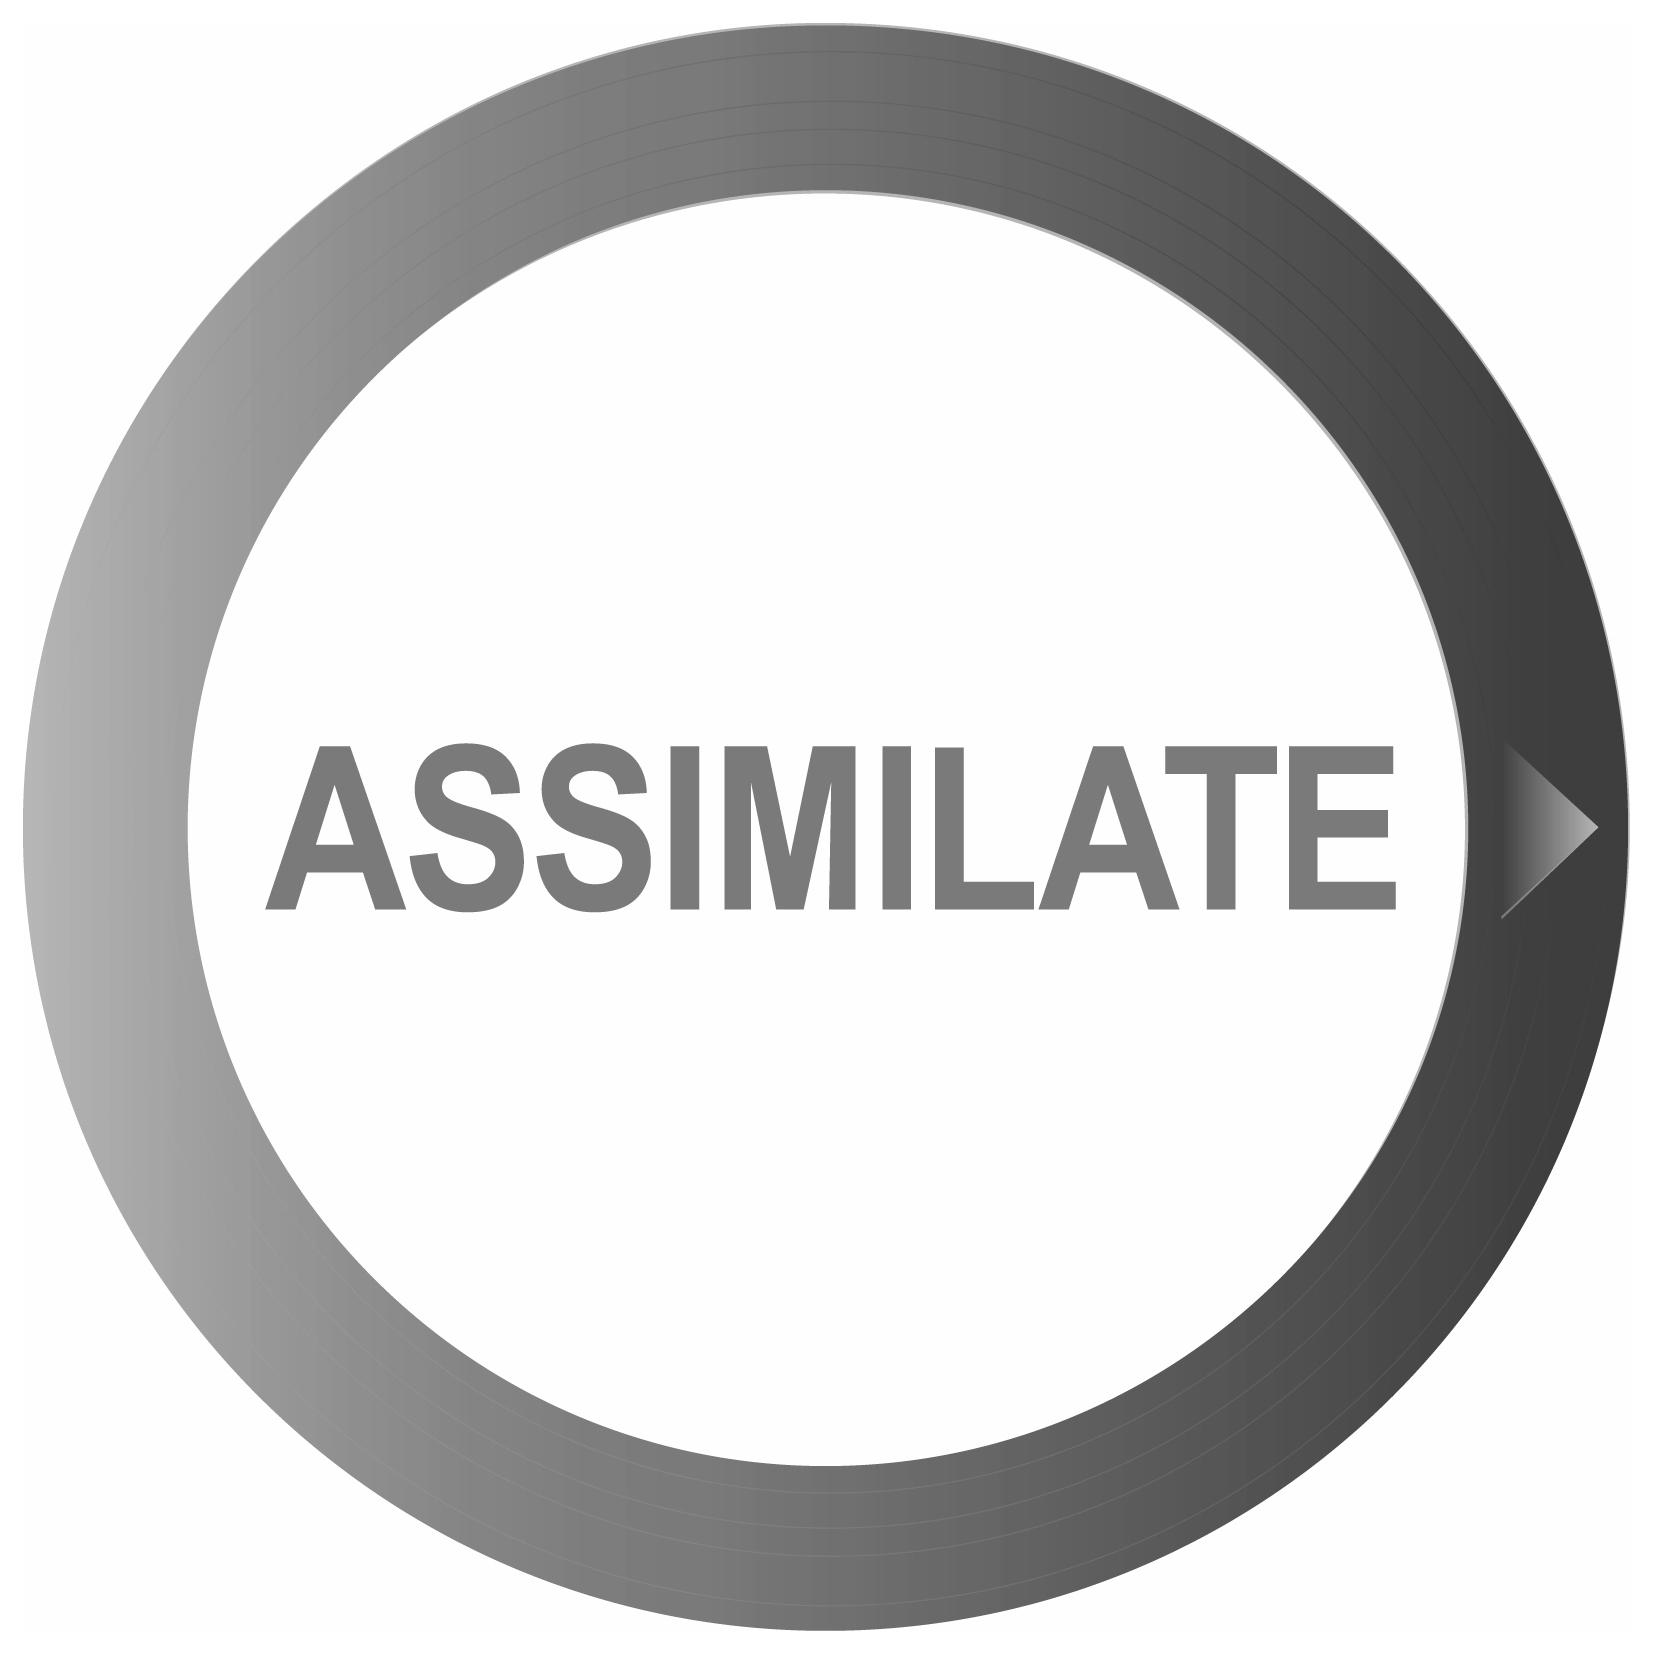 Assimilate-logo.jpg